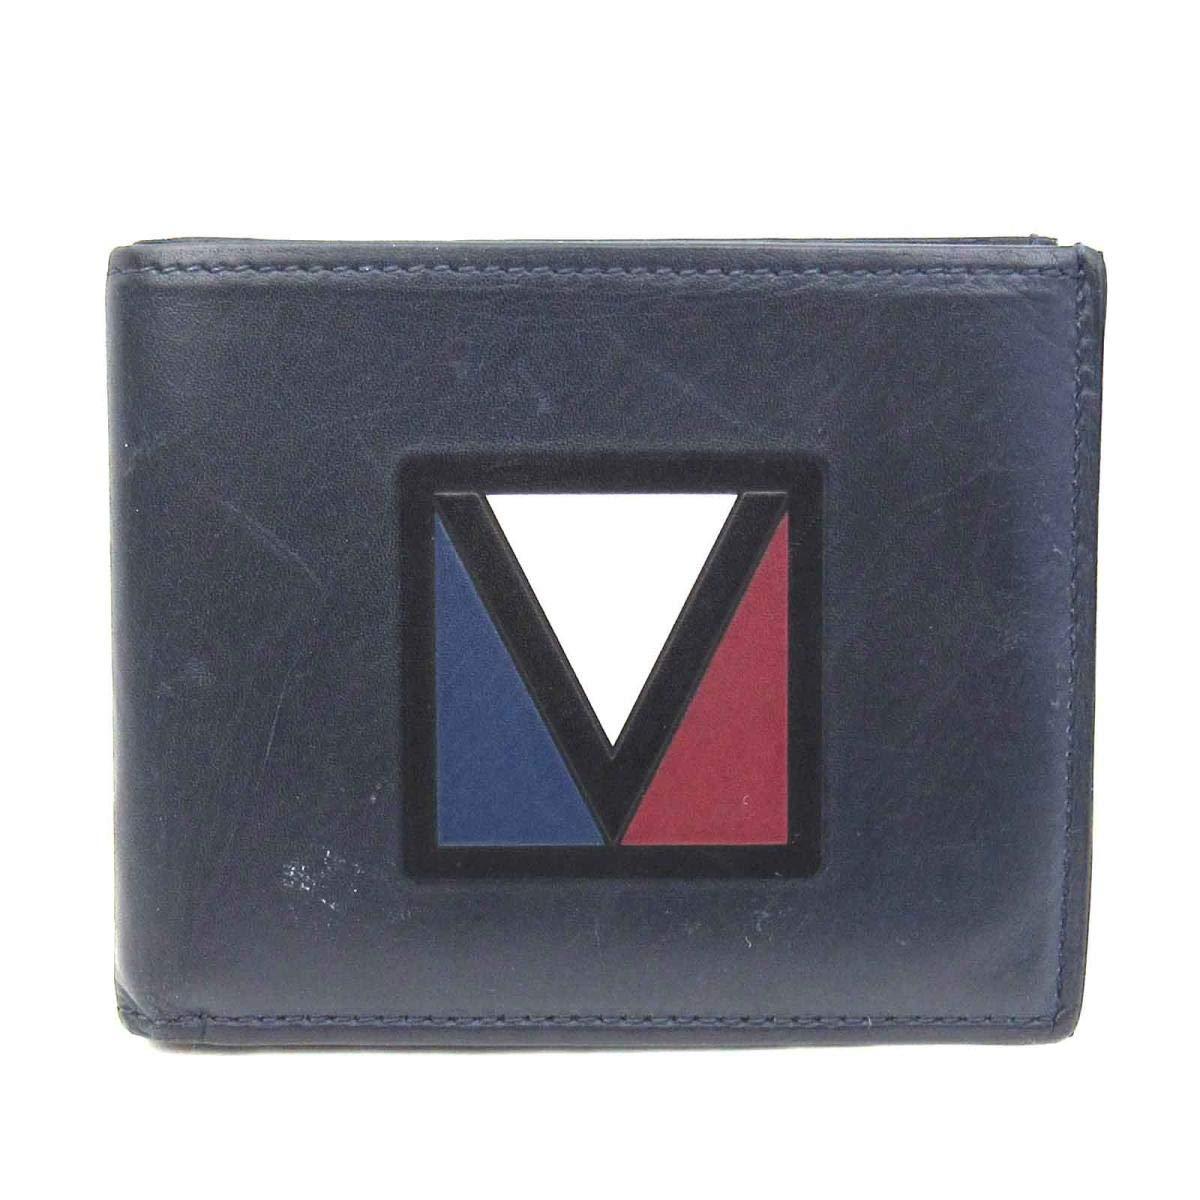 [ルイヴィトン] LOUIS VUITTON ポルトフォイユスレンダーXS 二つ折り札入れ 財布 ネイビー レザー M61320 [中古]   B07QW1Y7RK